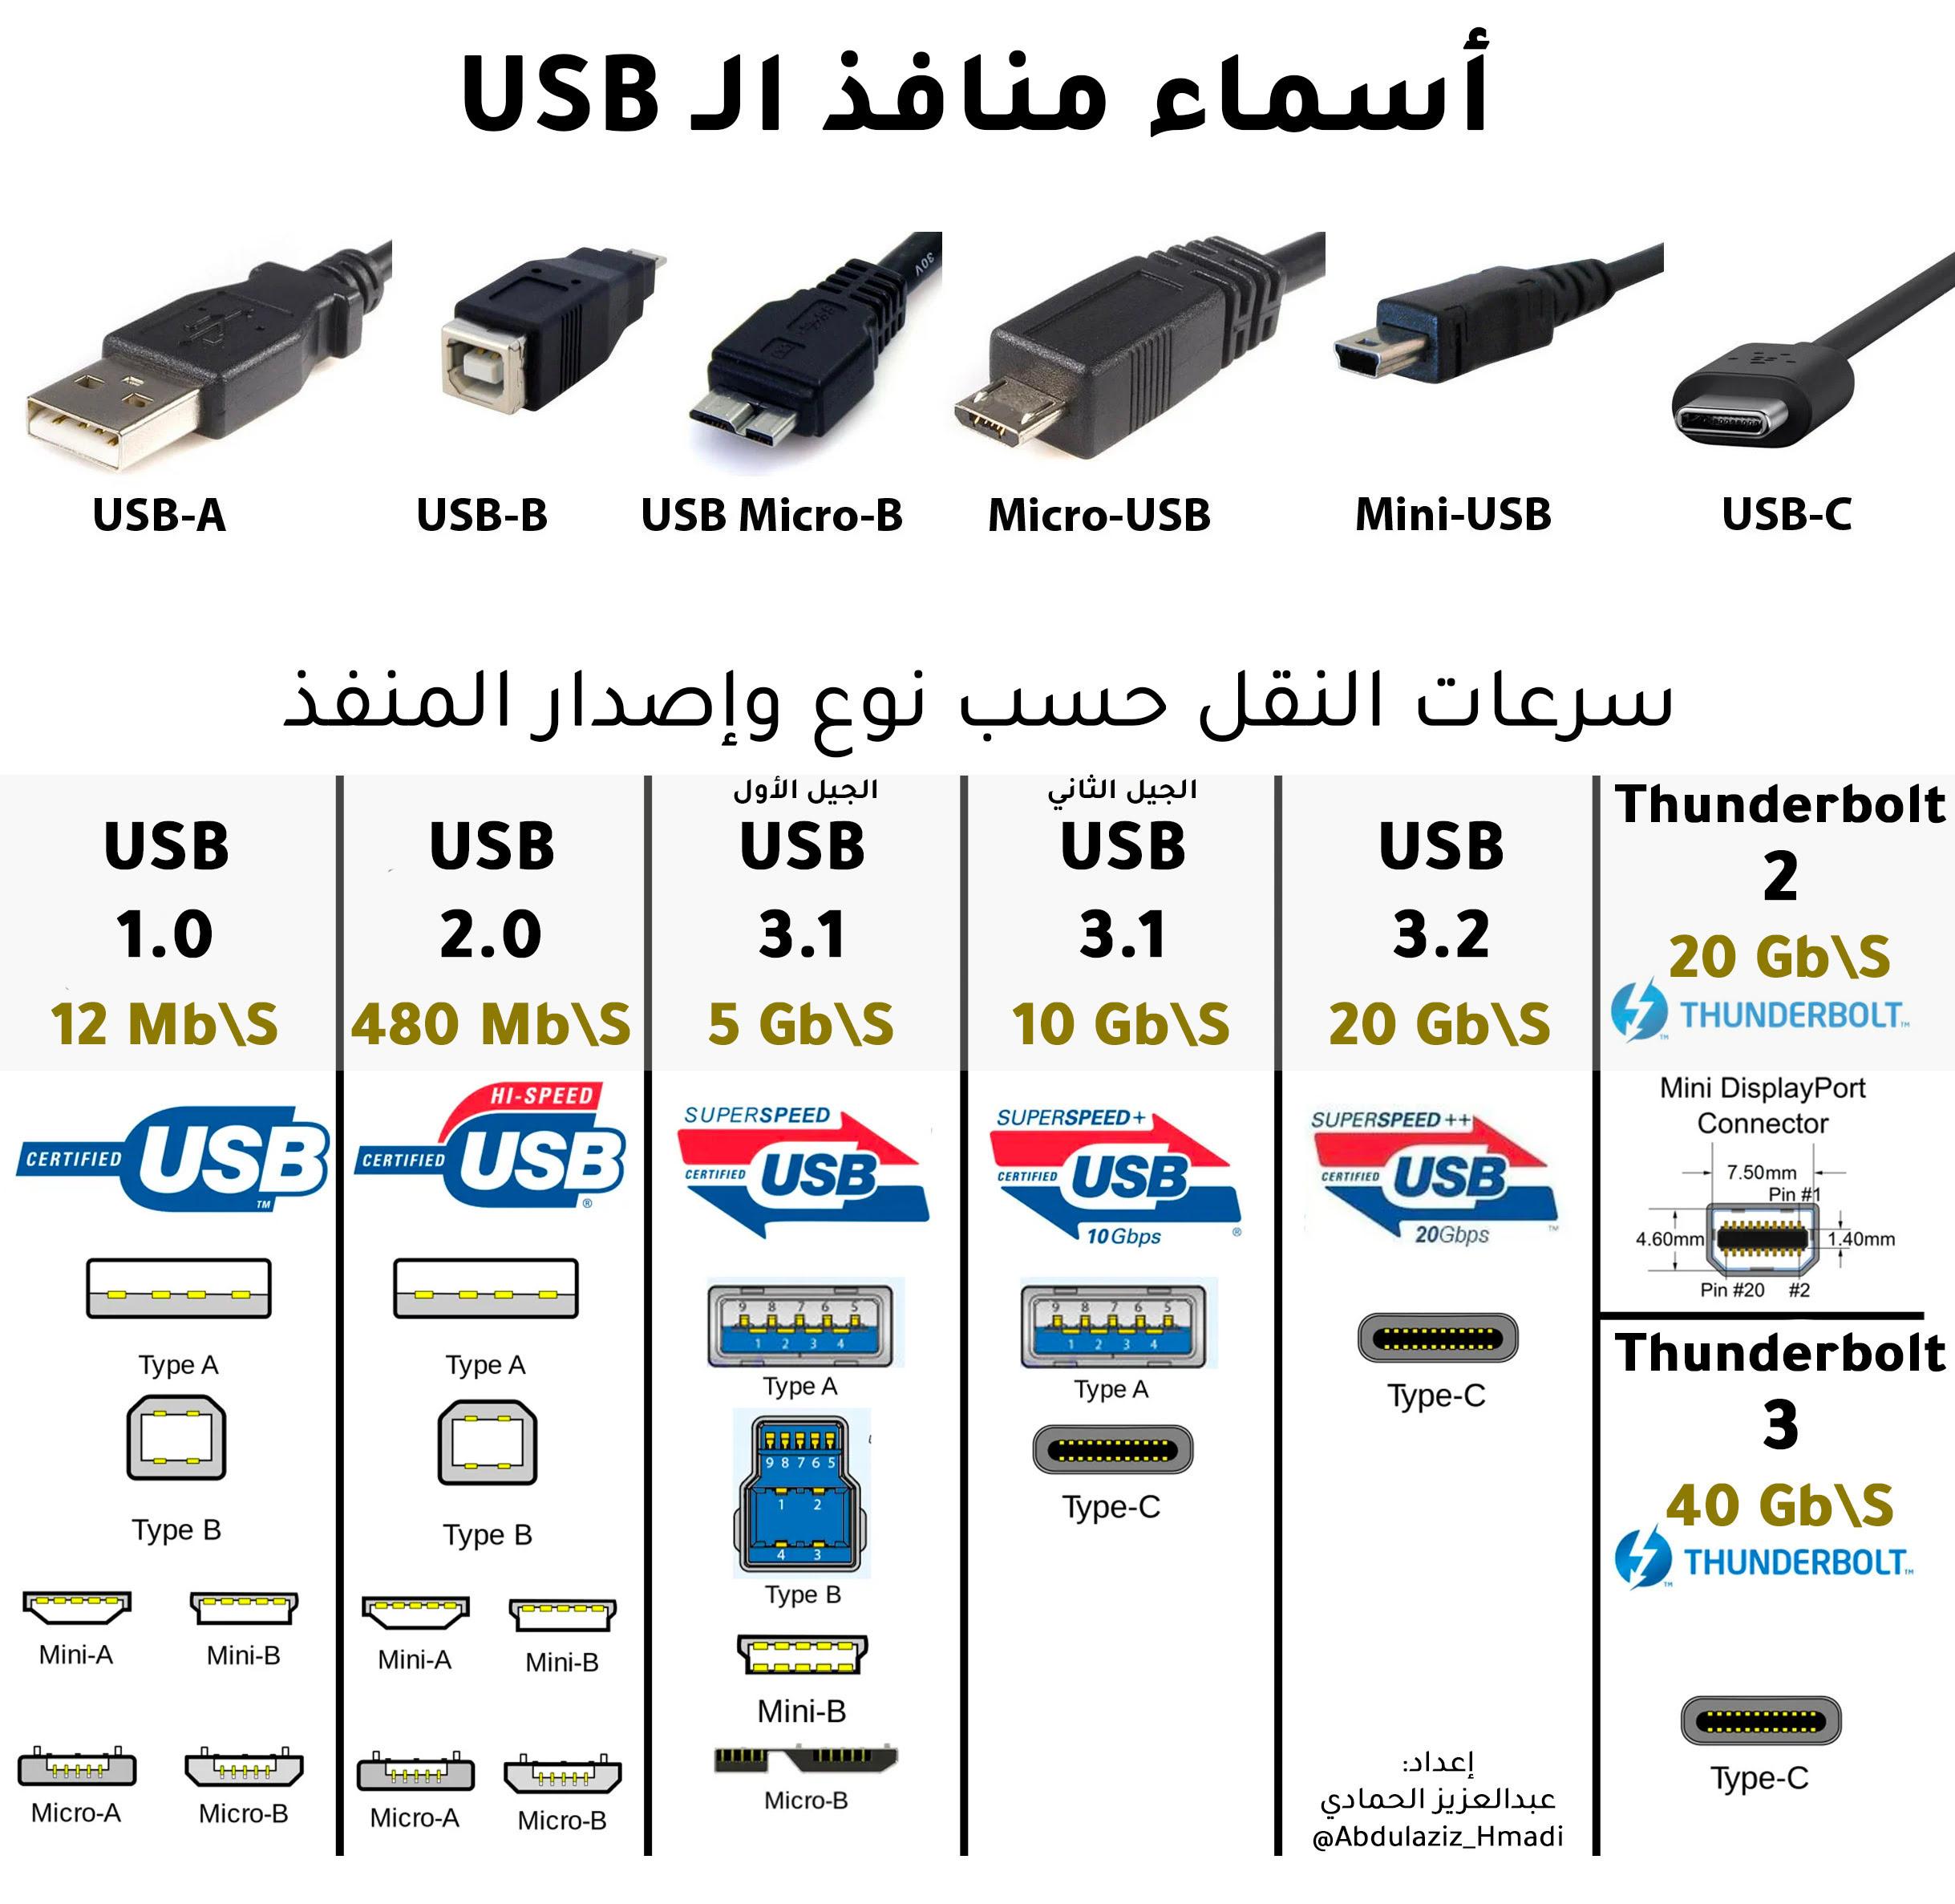 إنفوجرافيك : أسماء منافذ الـ USB و سرعات النقل حسب نوع وإصدار المنفذ